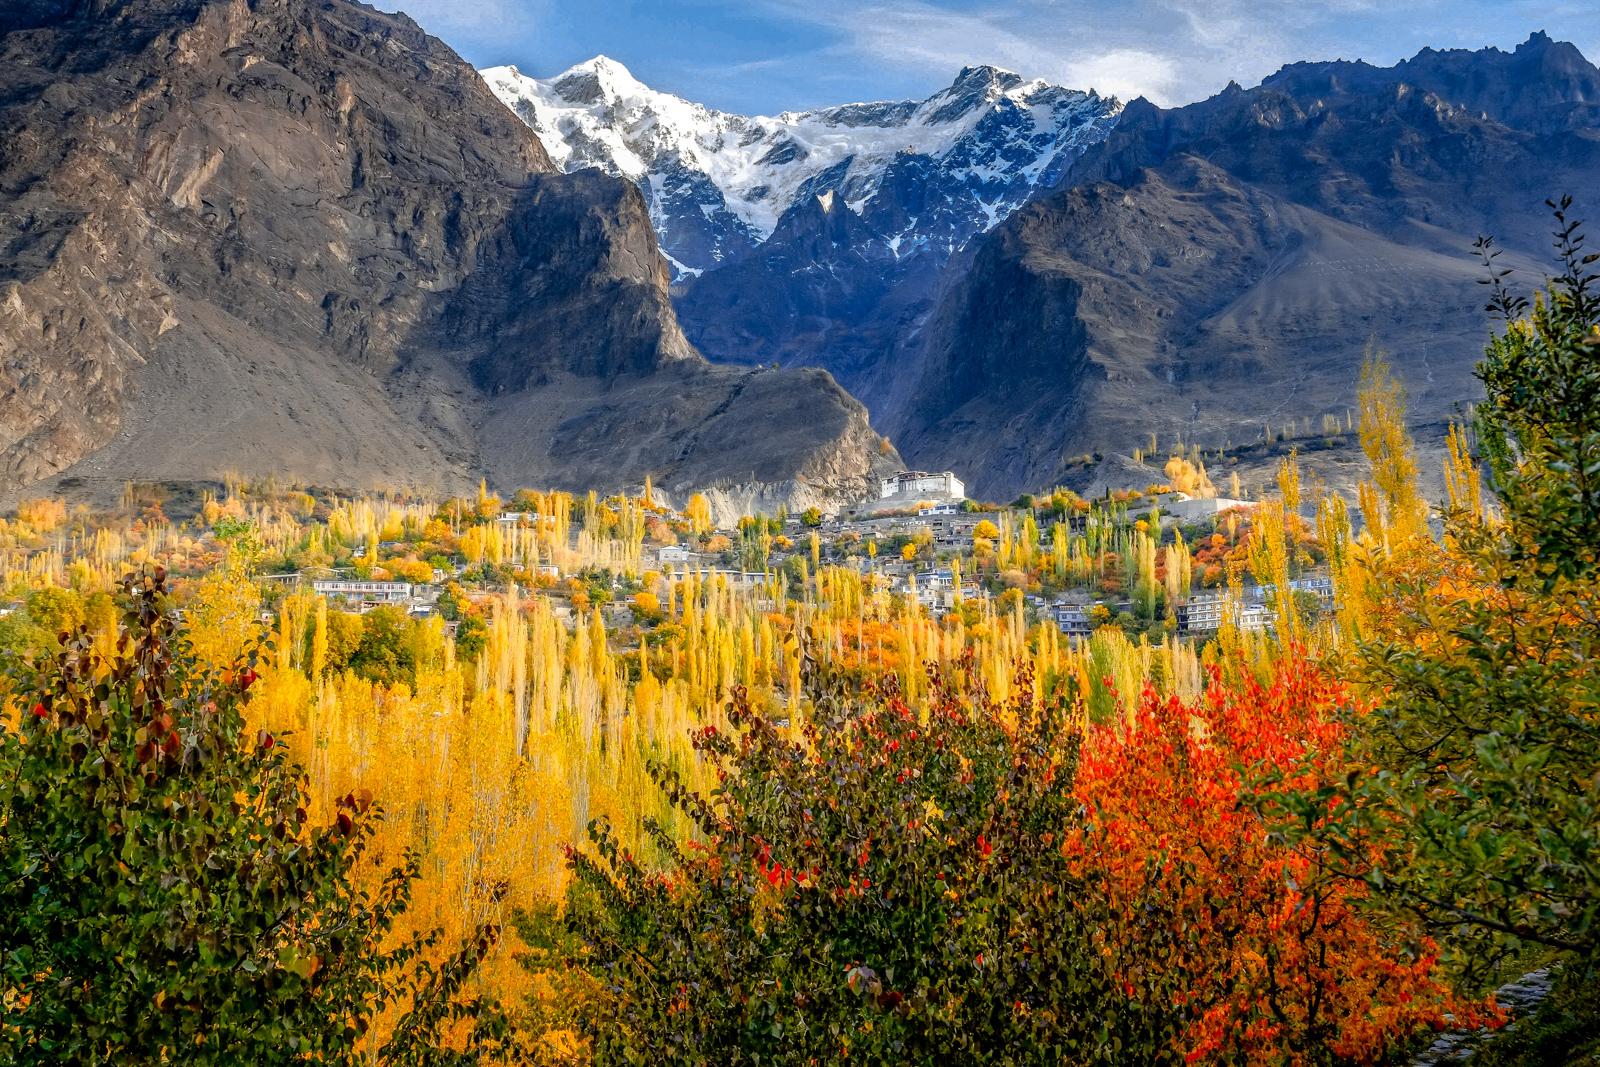 黄金色に色づく秋のフンザ